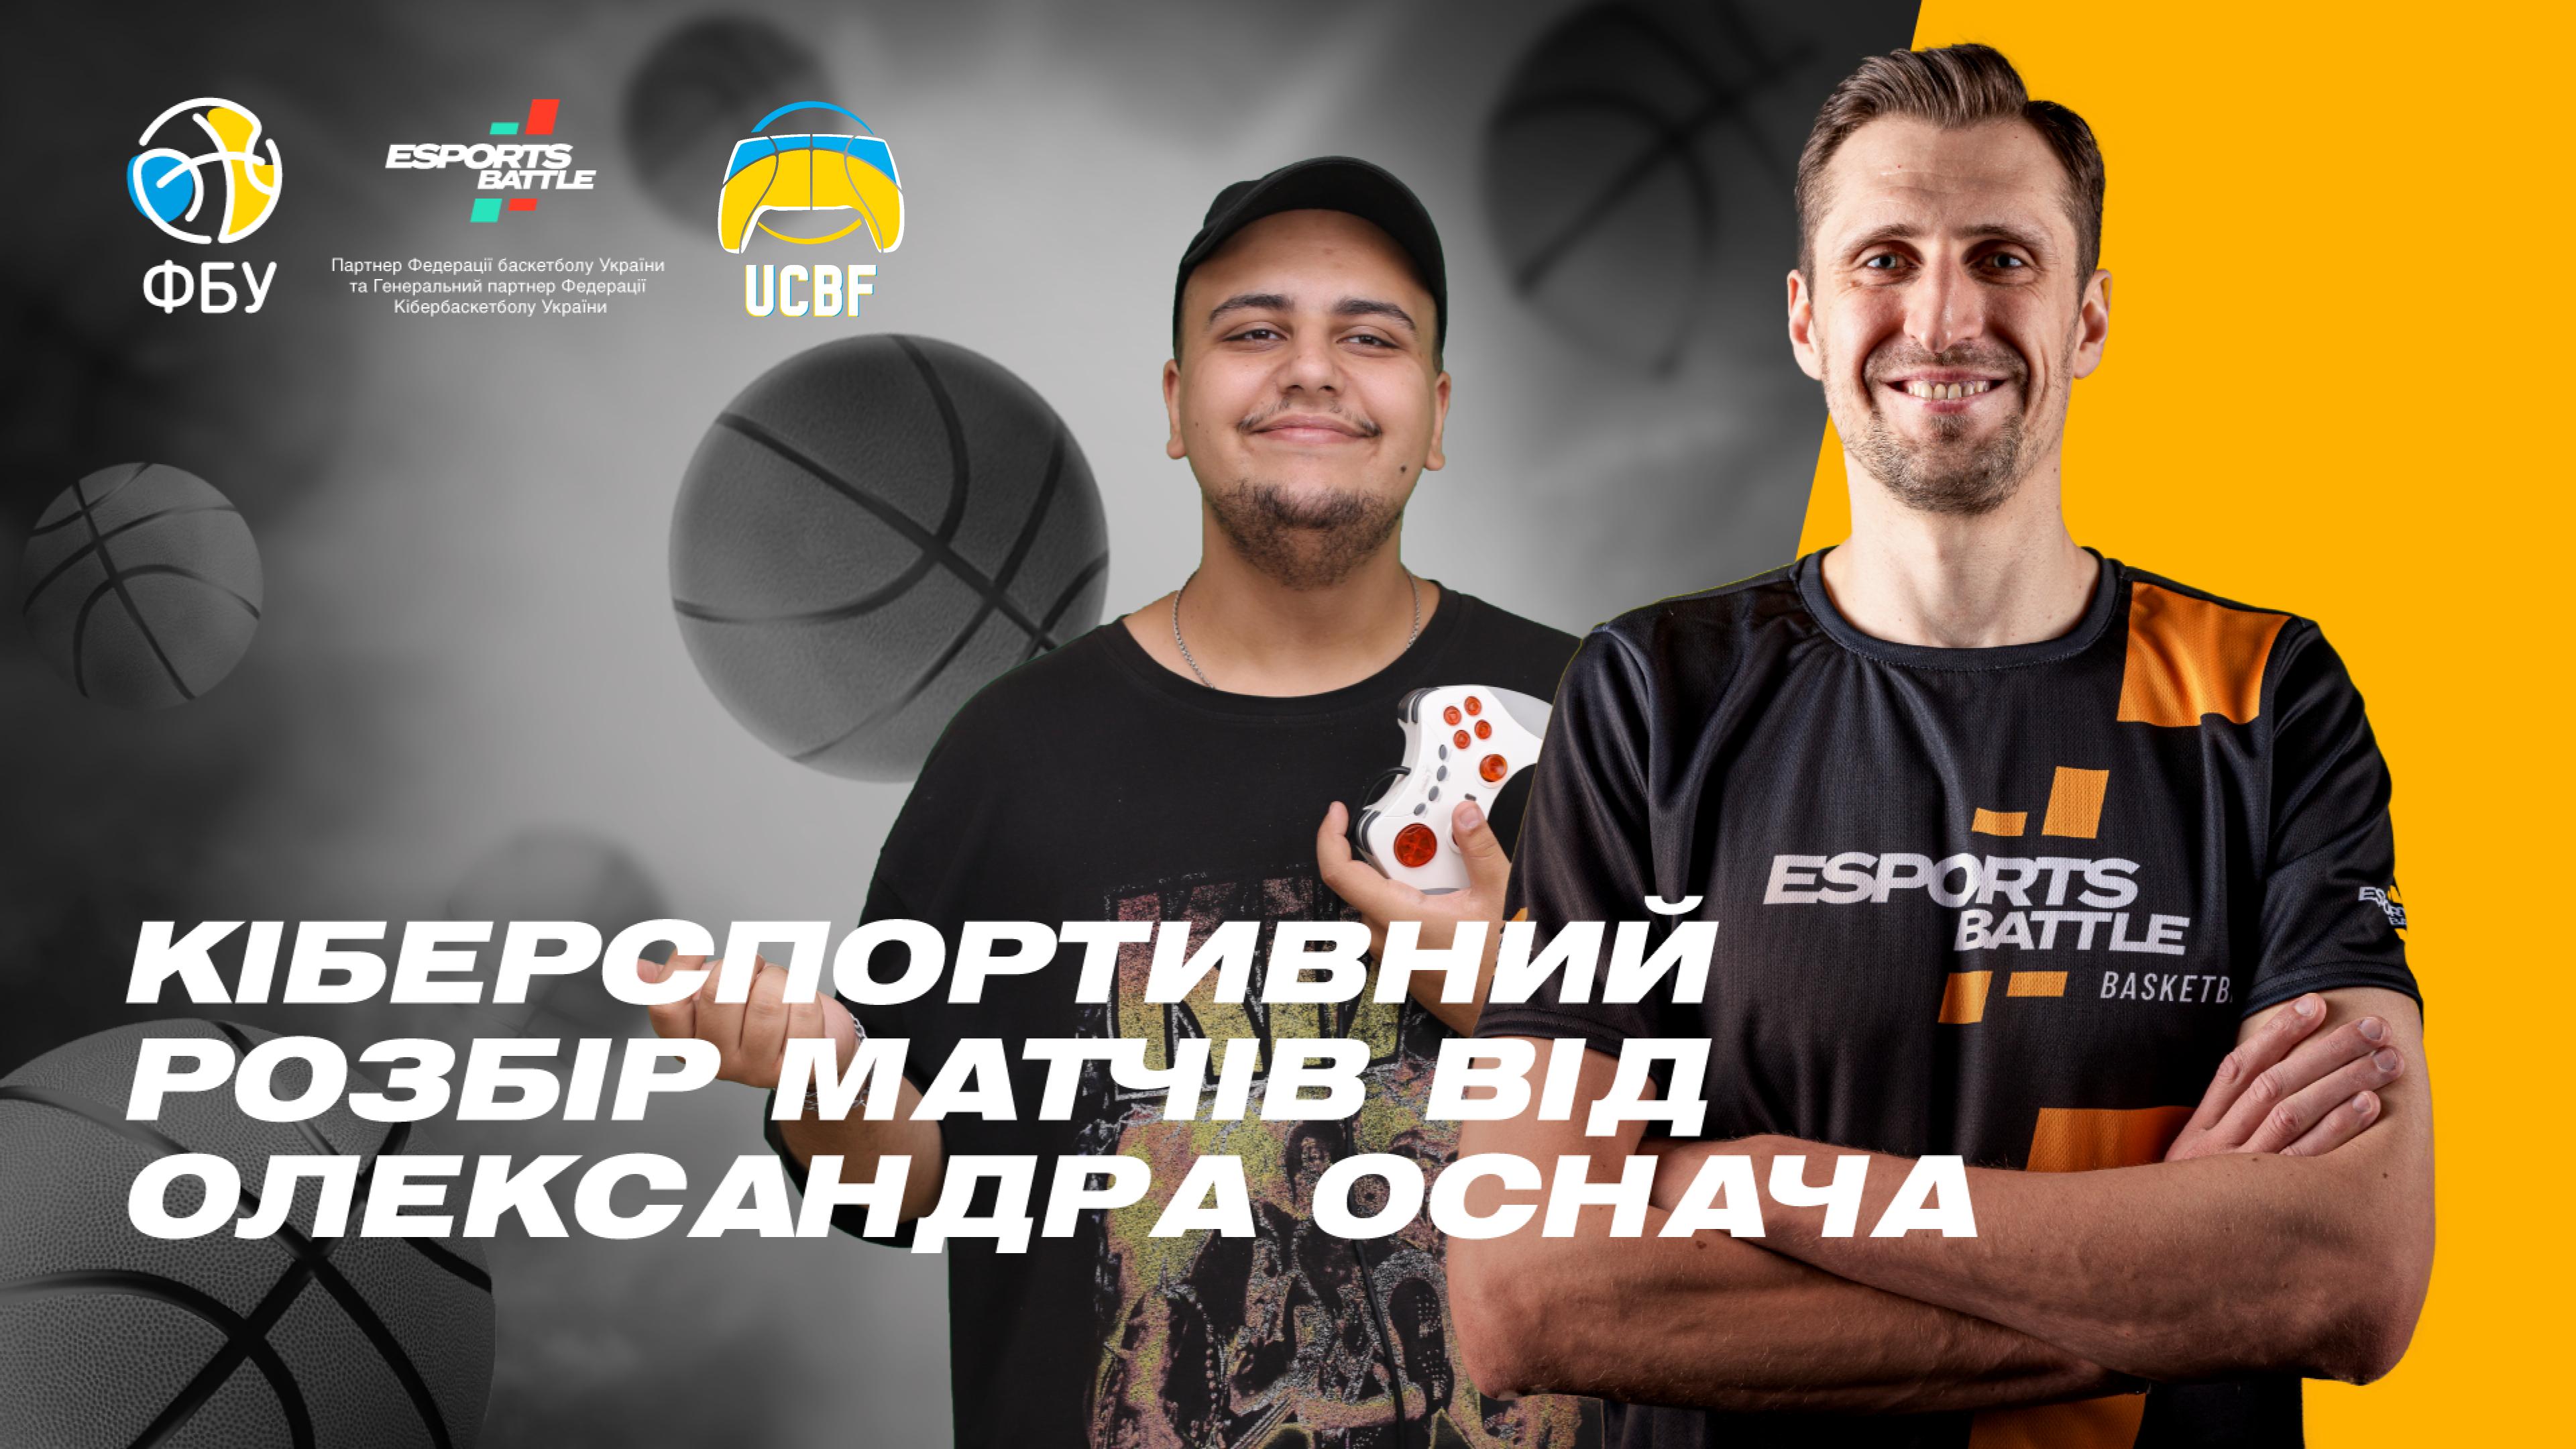 Навчитися грати в кібербаскетбол? Легко! Відео уроку Олександра Оснача в ESportsBattle Academy